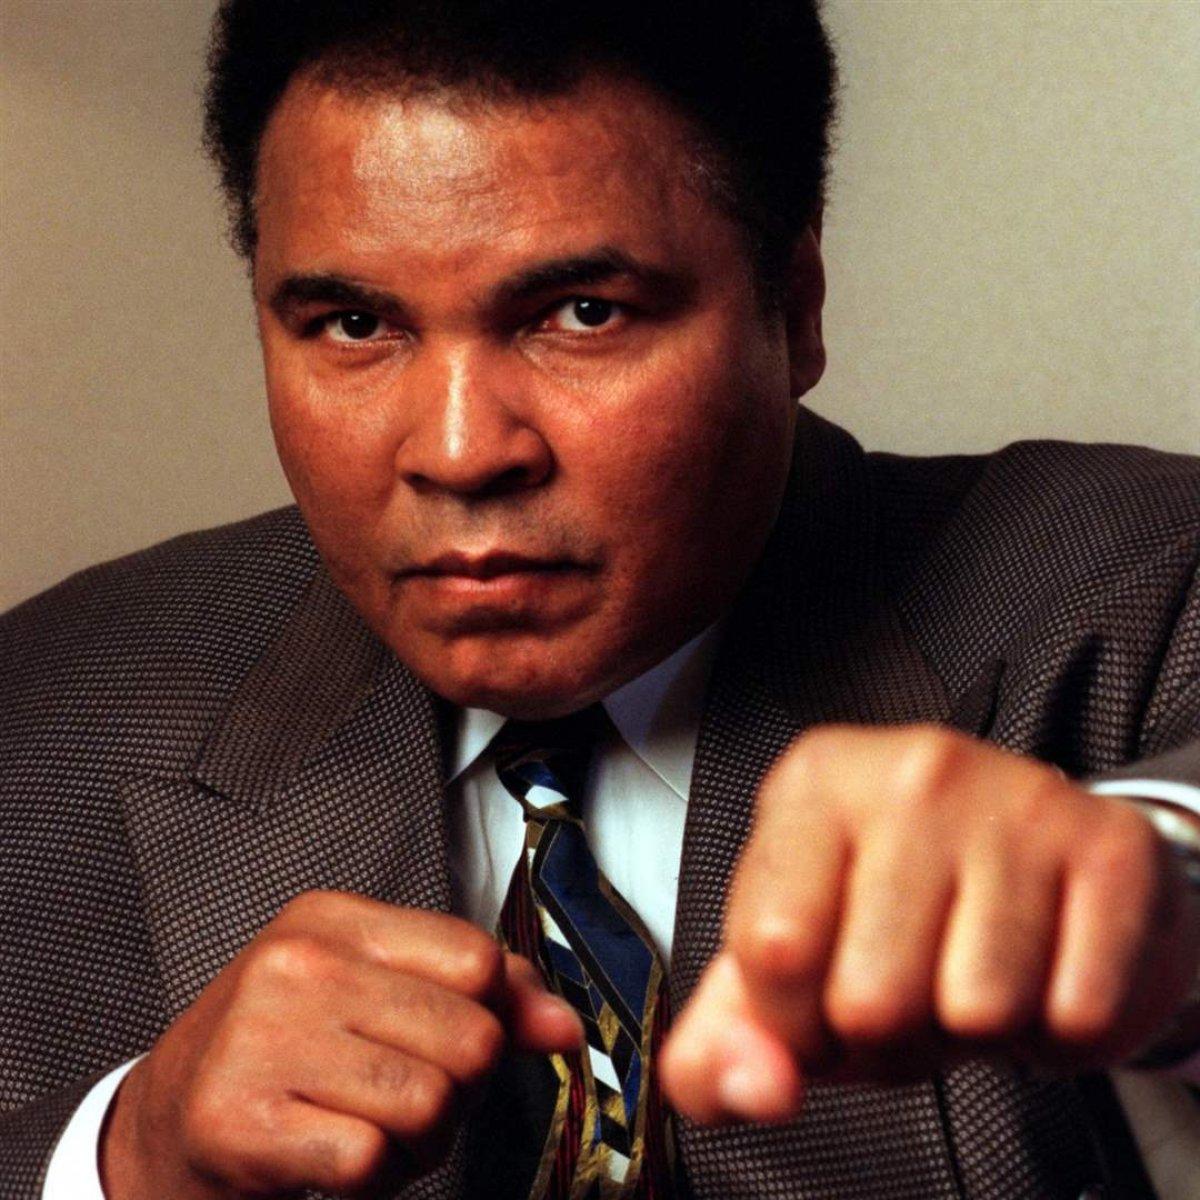 Muhammed Ali'nin resimleri 1 milyon dolara satıldı #3